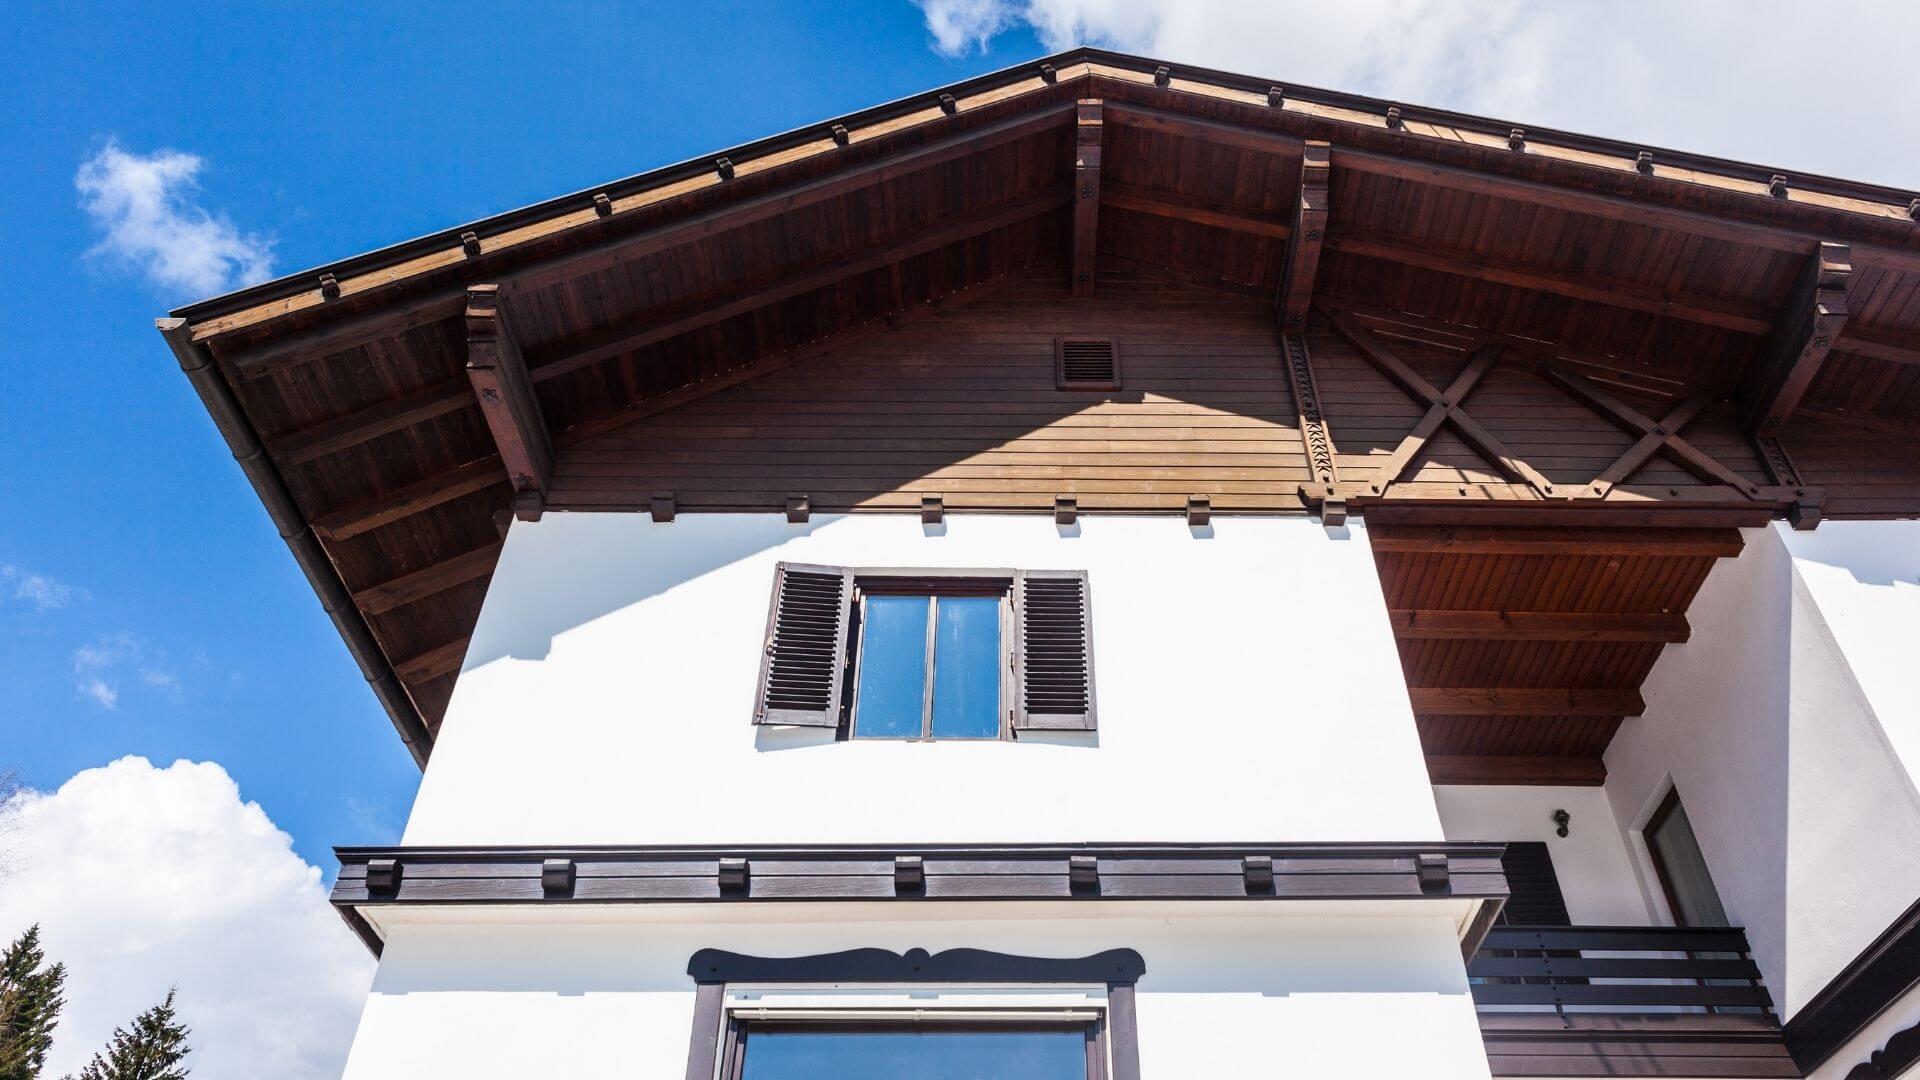 observar a fachada da casa para fazer reparos